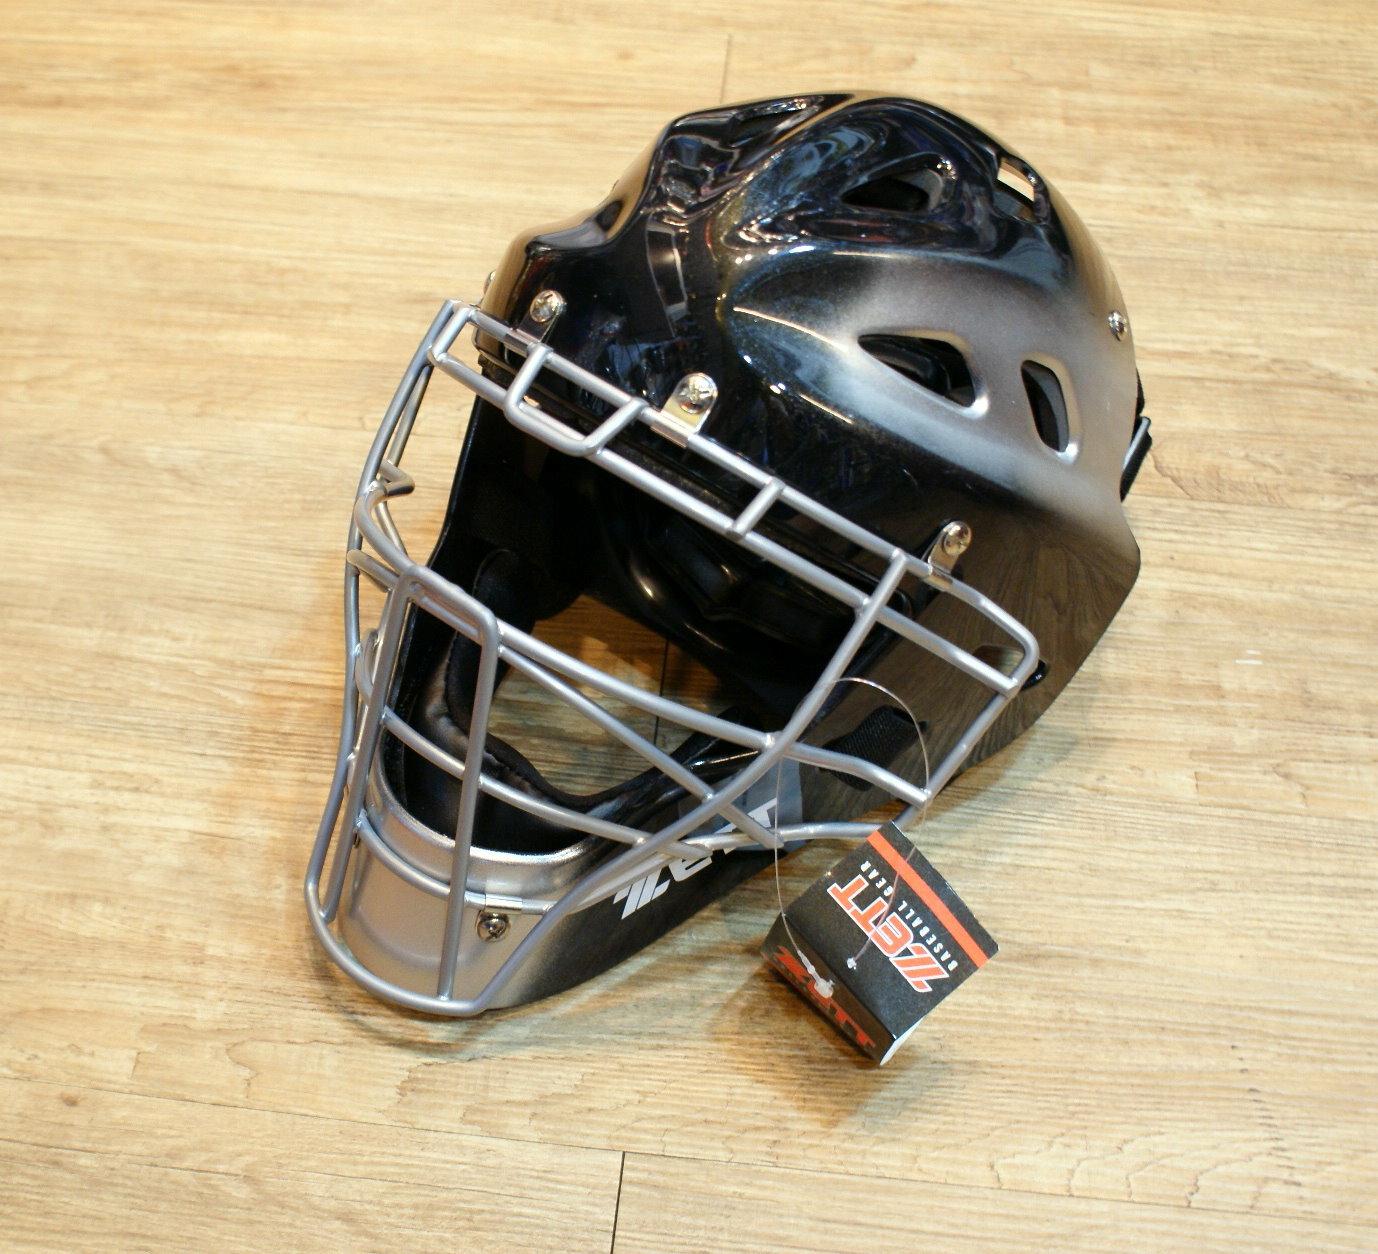 棒球世界 全新ZETT 少年用捕手護具(連罩式頭盔)~特價